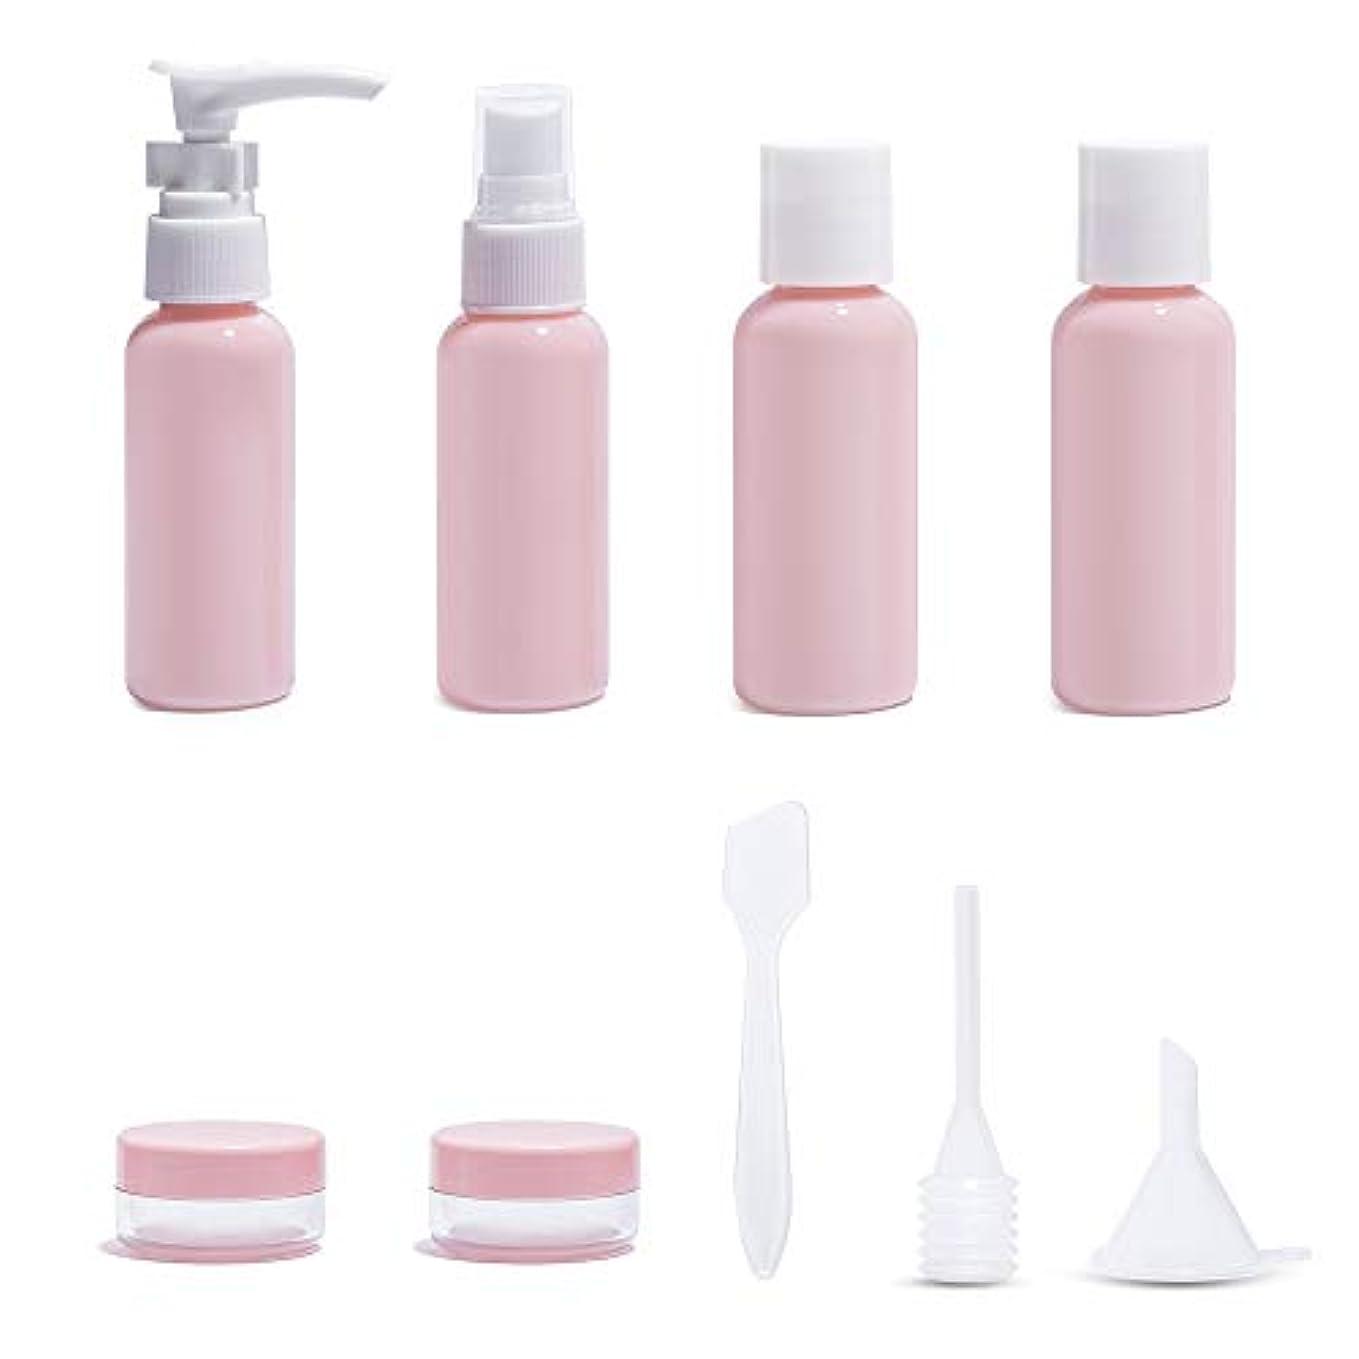 脇に言い直す炭水化物Diolan トラベルボトル 小分けボトル コスメ用詰替え容器 6本セット ピンク 旅行 出張